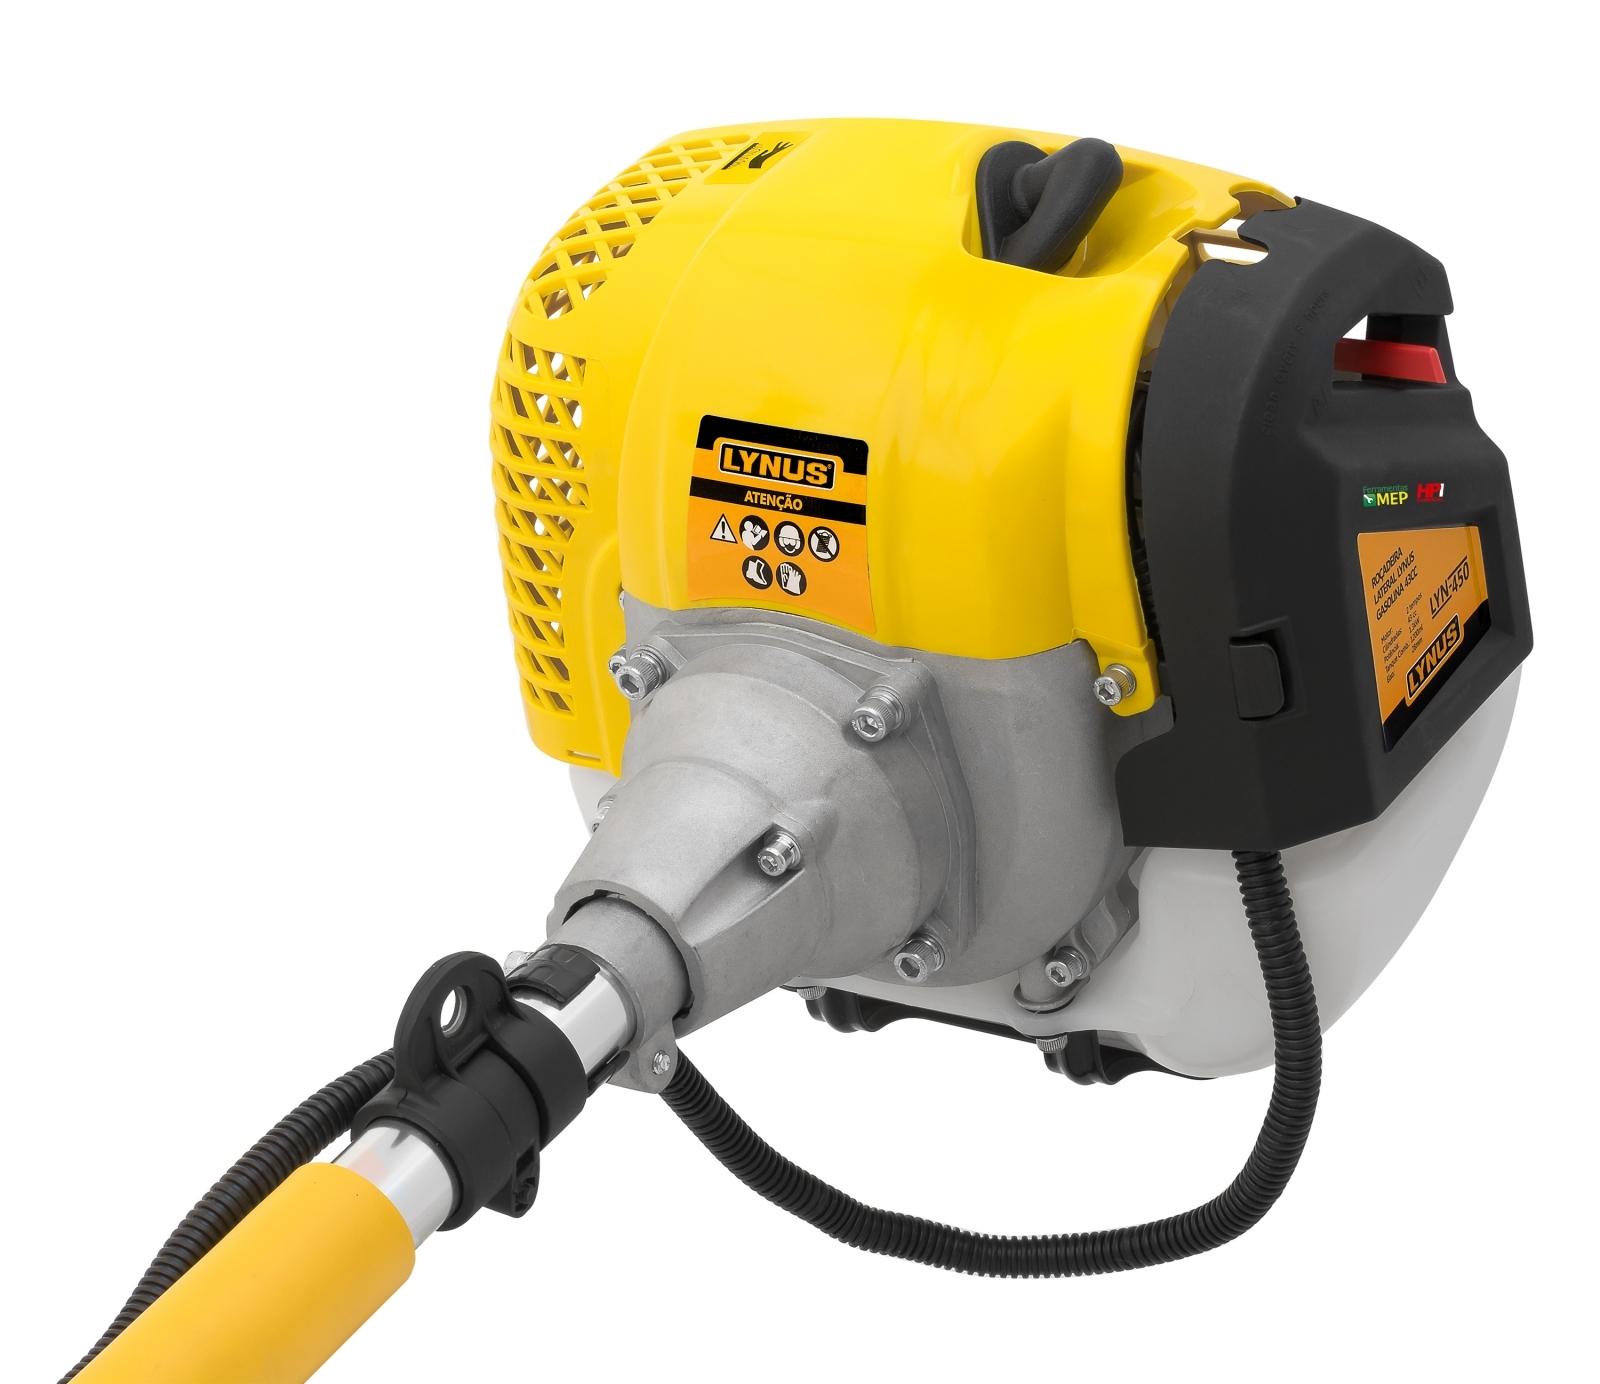 Roçadeira A Gasolina Profissional Lynus 43cc - Ferramentas MEP